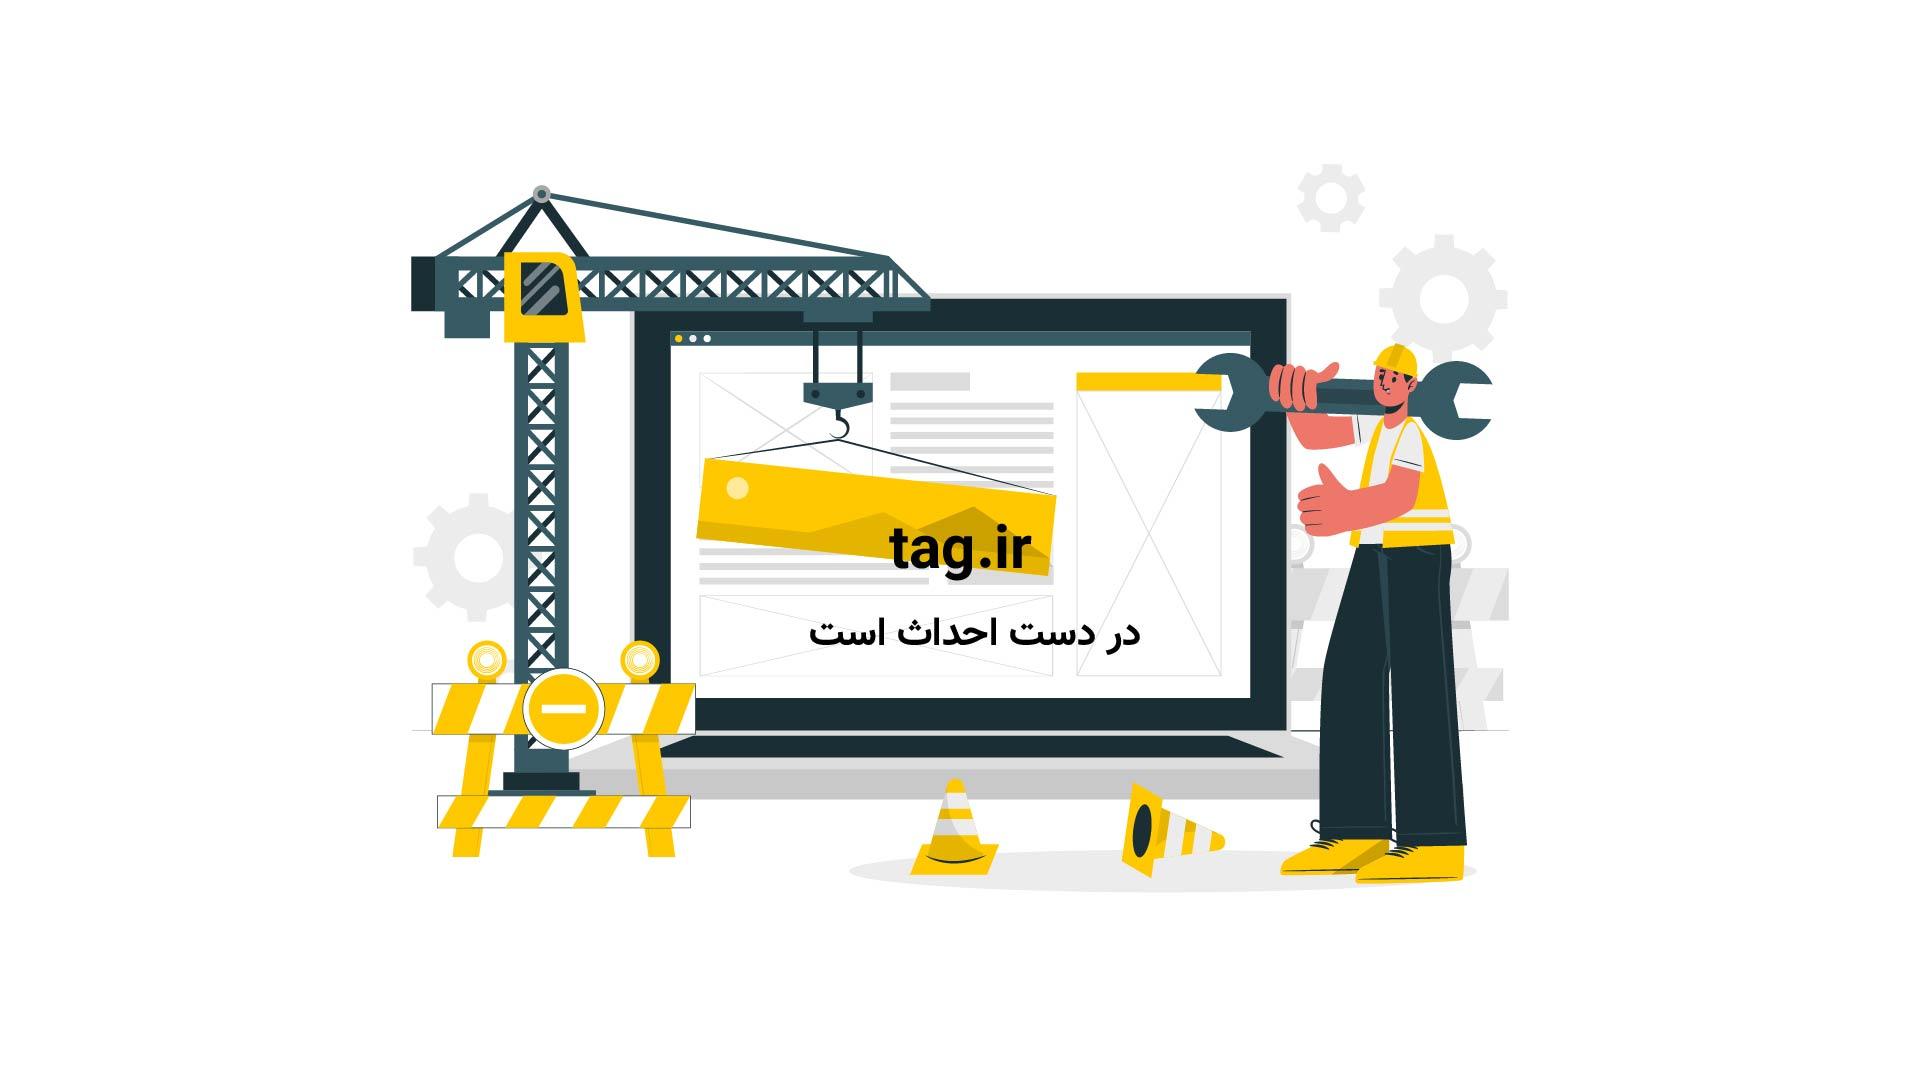 تصاویری از زلزله ۶.۸ ریشتری شرق ترکیه | فیلم